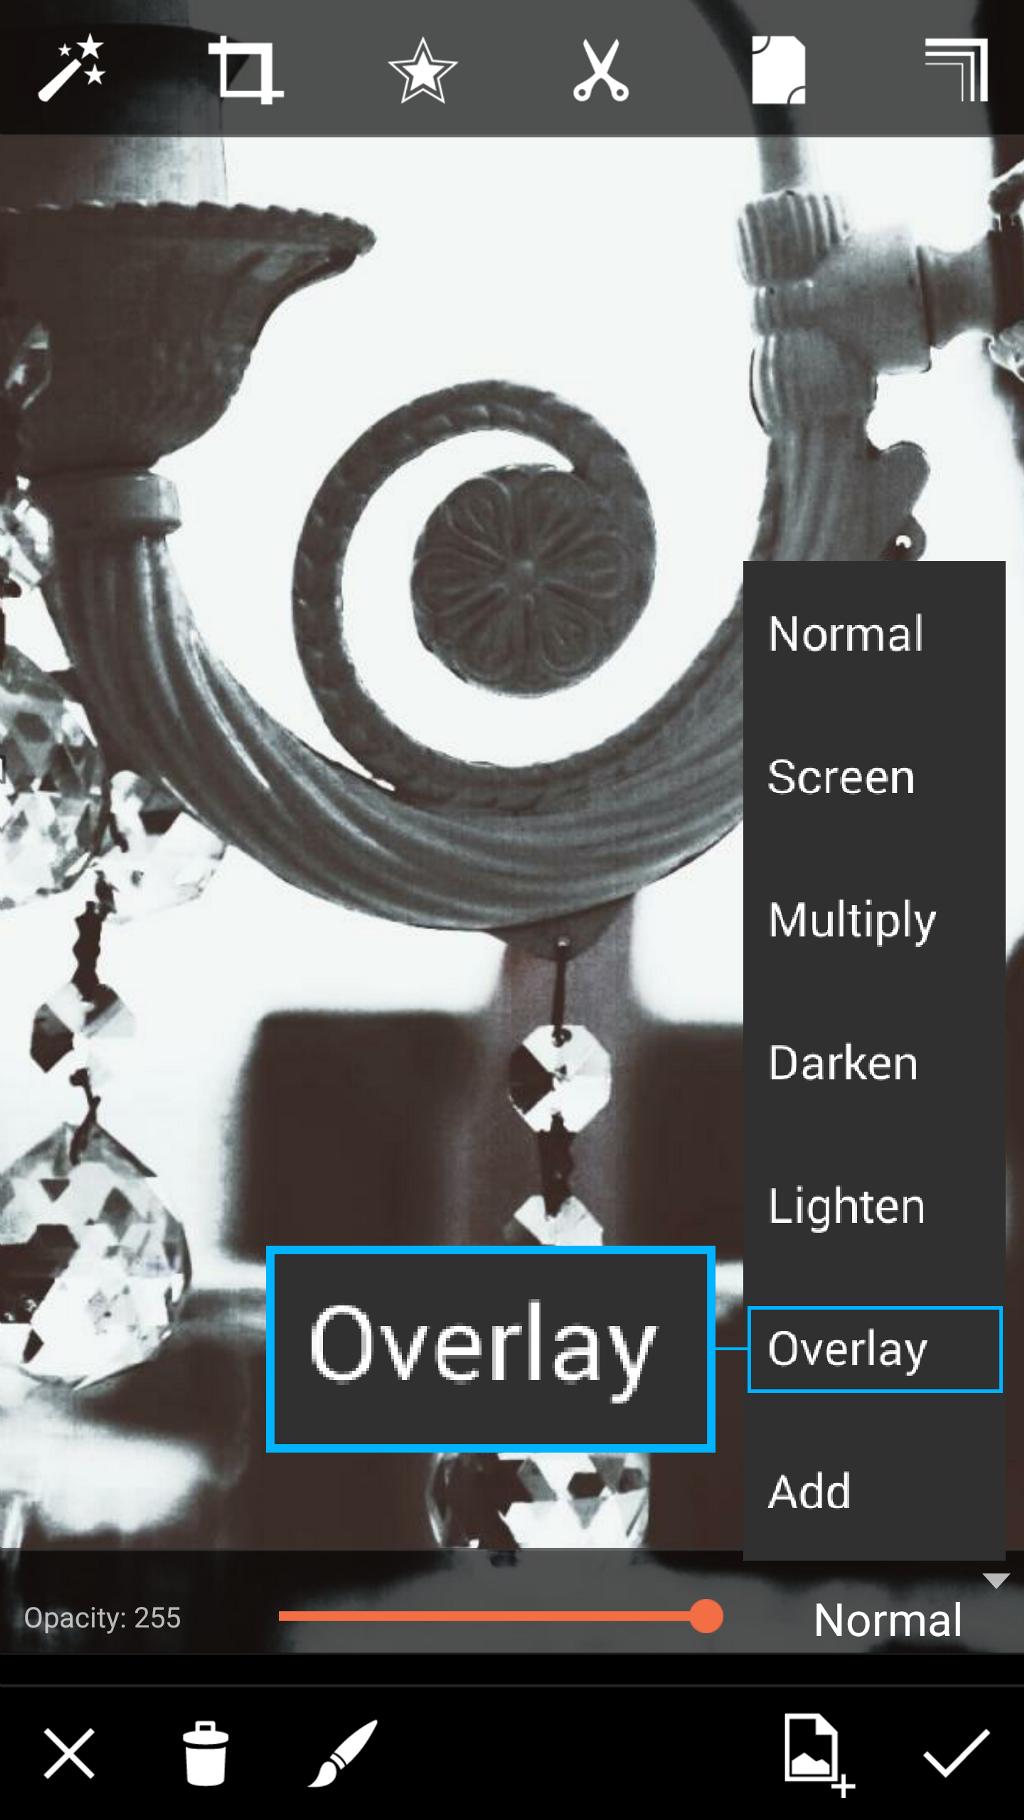 overlay effect